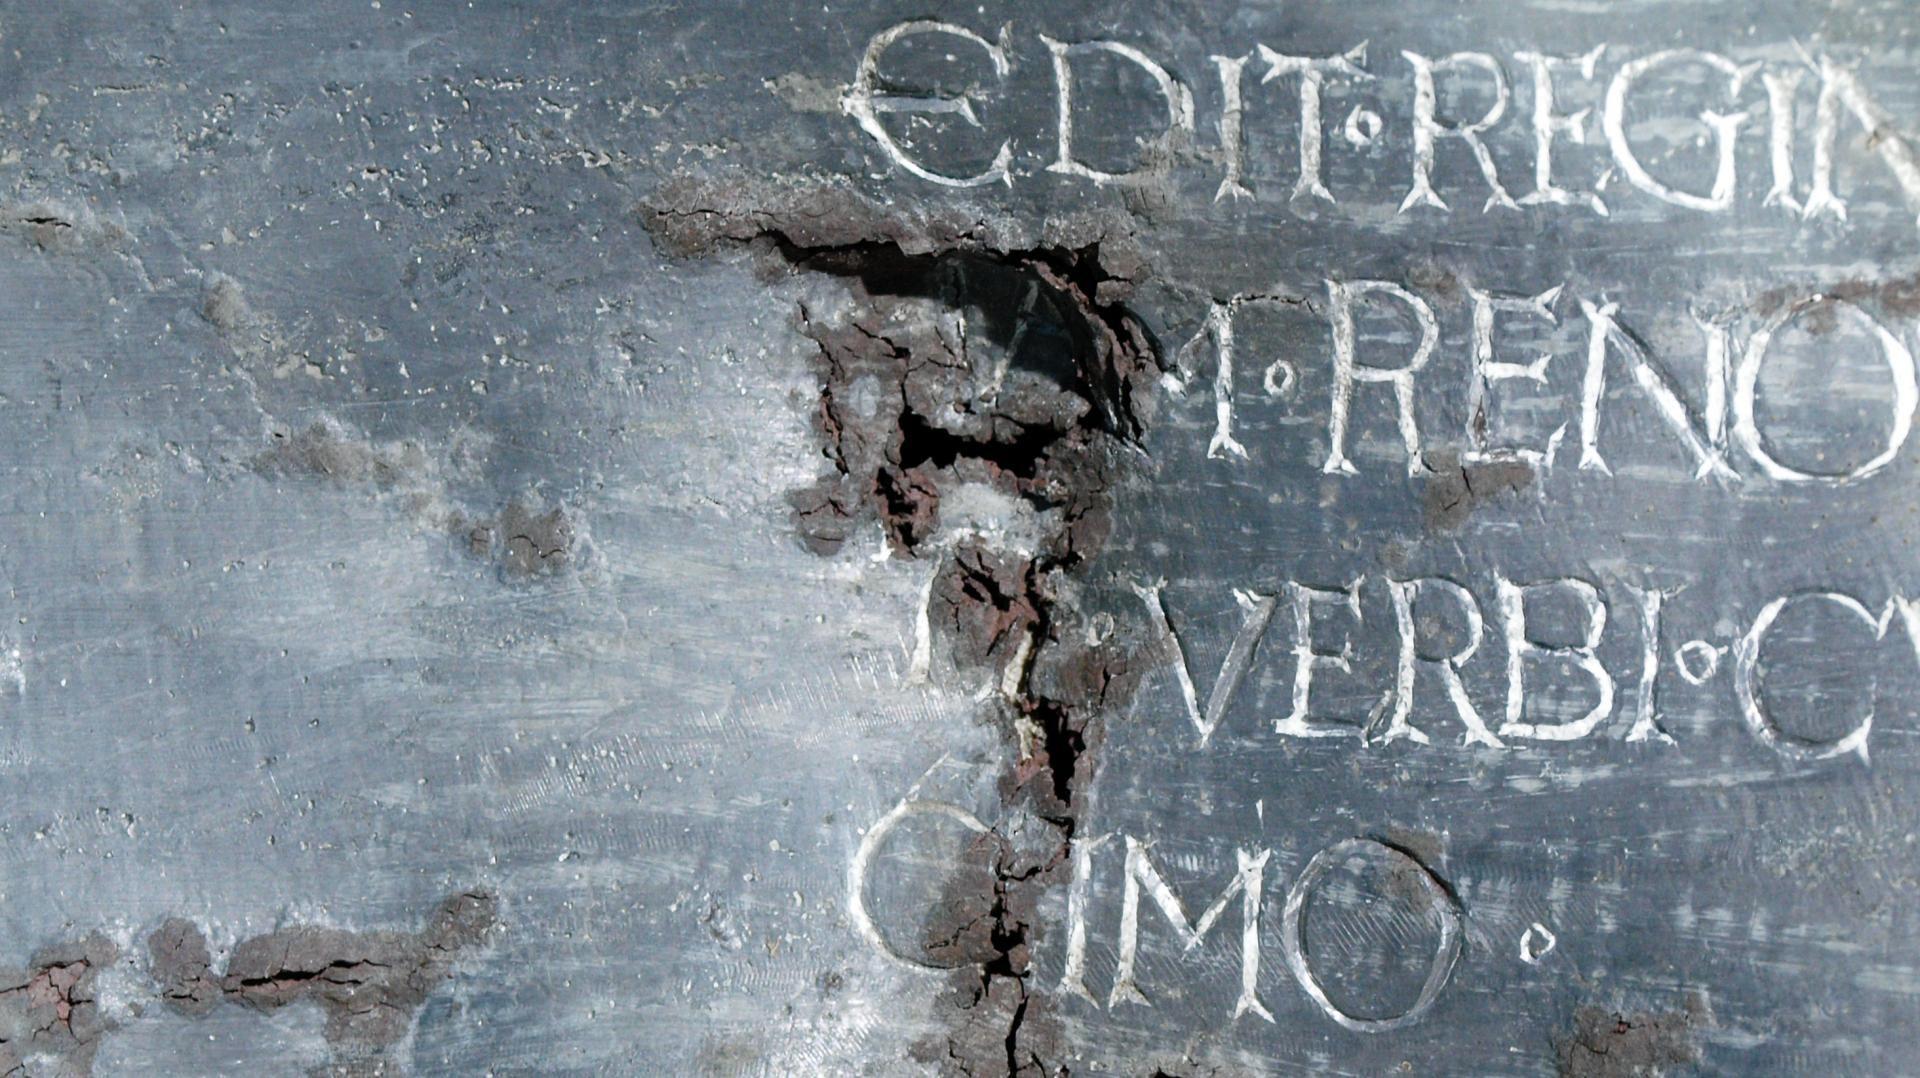 Ein Detail des Sargs: Über die Jahrhunderte hinweg ist das Blei durchkorrodiertes. © Landesamt für Denkmalpflege und Archäologie Sachsen-Anhalt, Friederike Hertel.